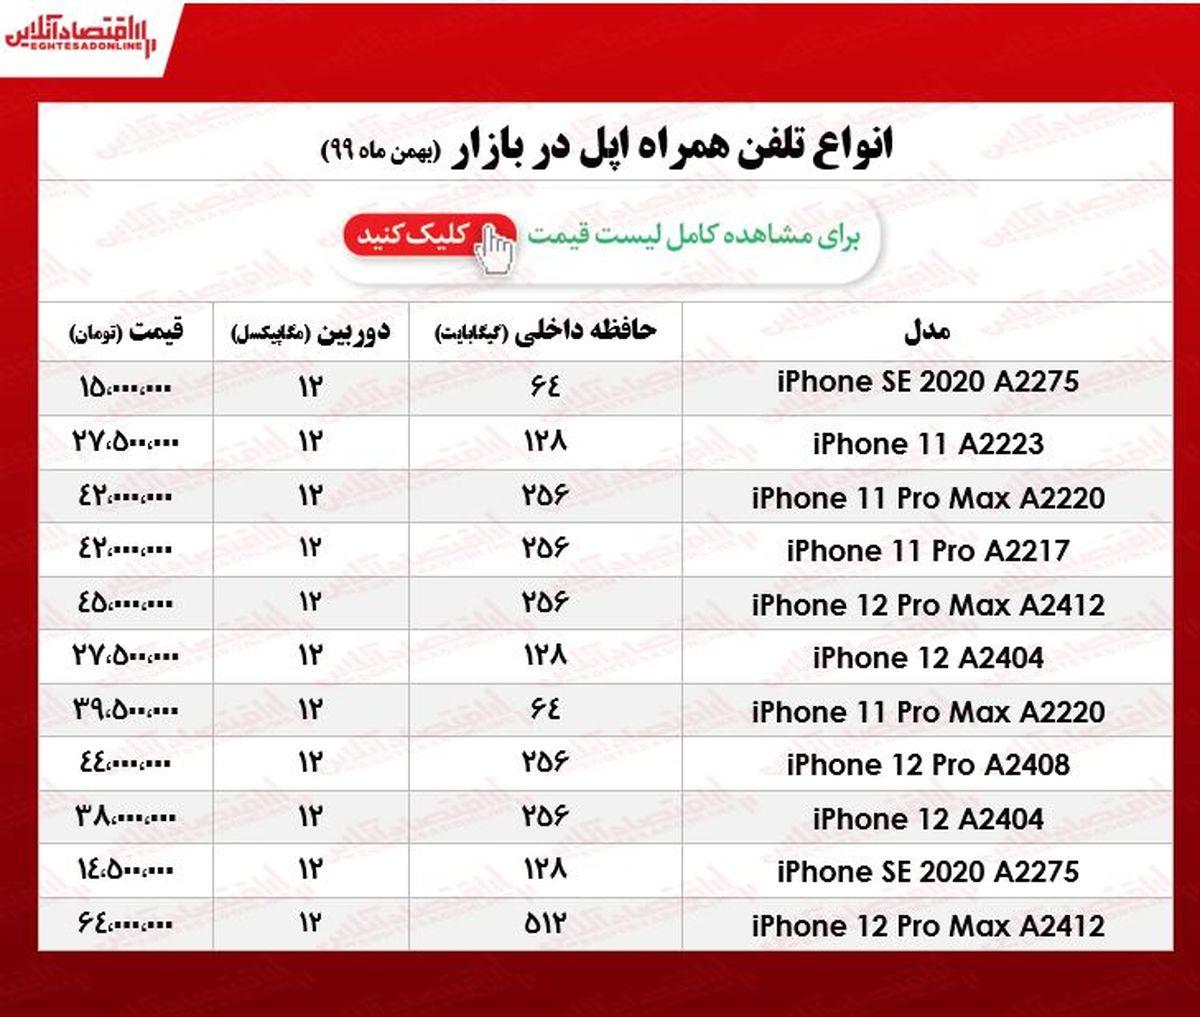 قیمت گوشی اپل در بازار/ ۱۸بهمن ۹۹